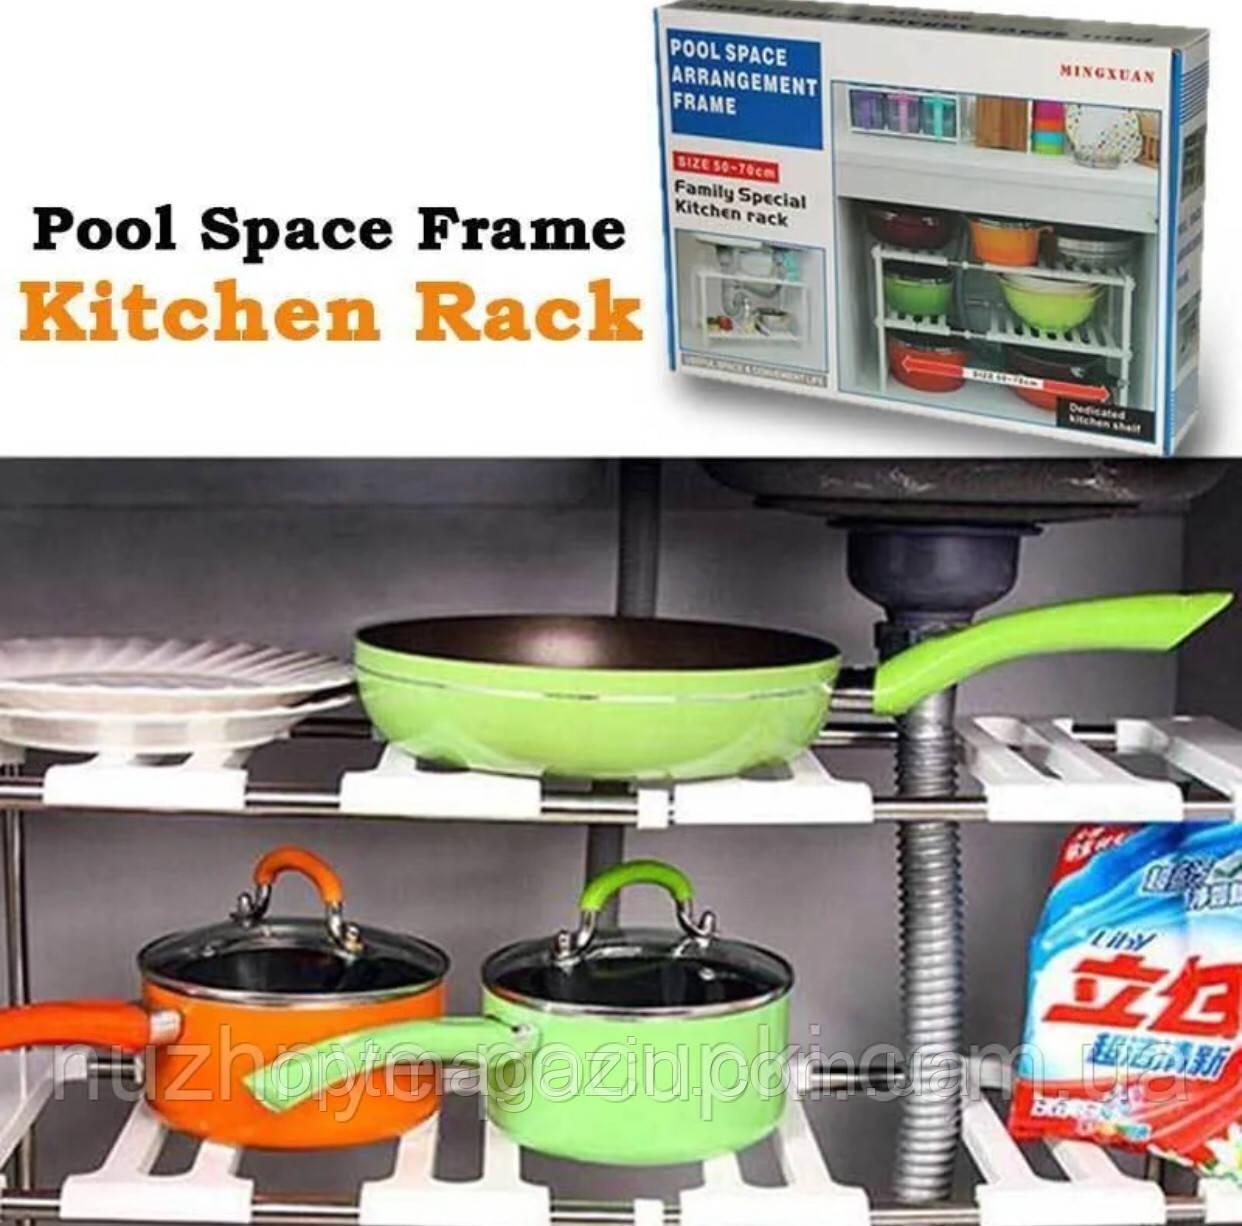 Многофункциональный стеллаж Pool Space Arrangement Frame